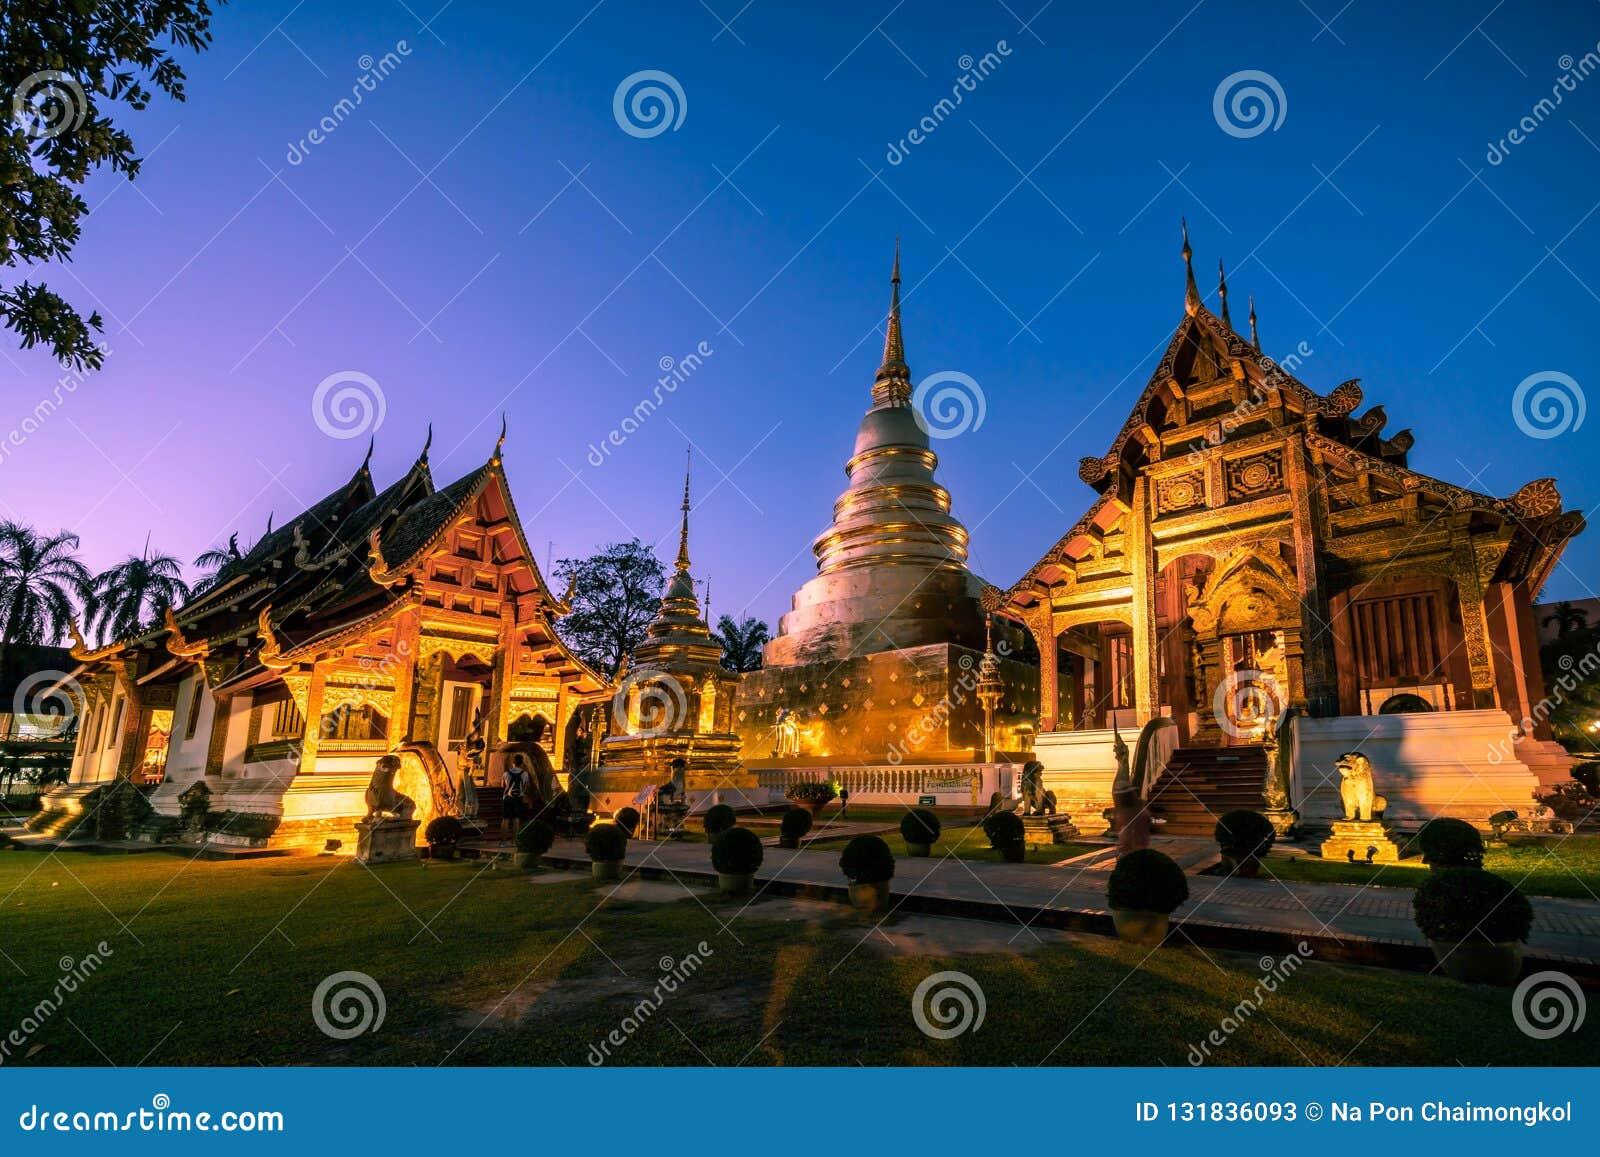 Wat Phra Singh während des Dämmerungshimmels